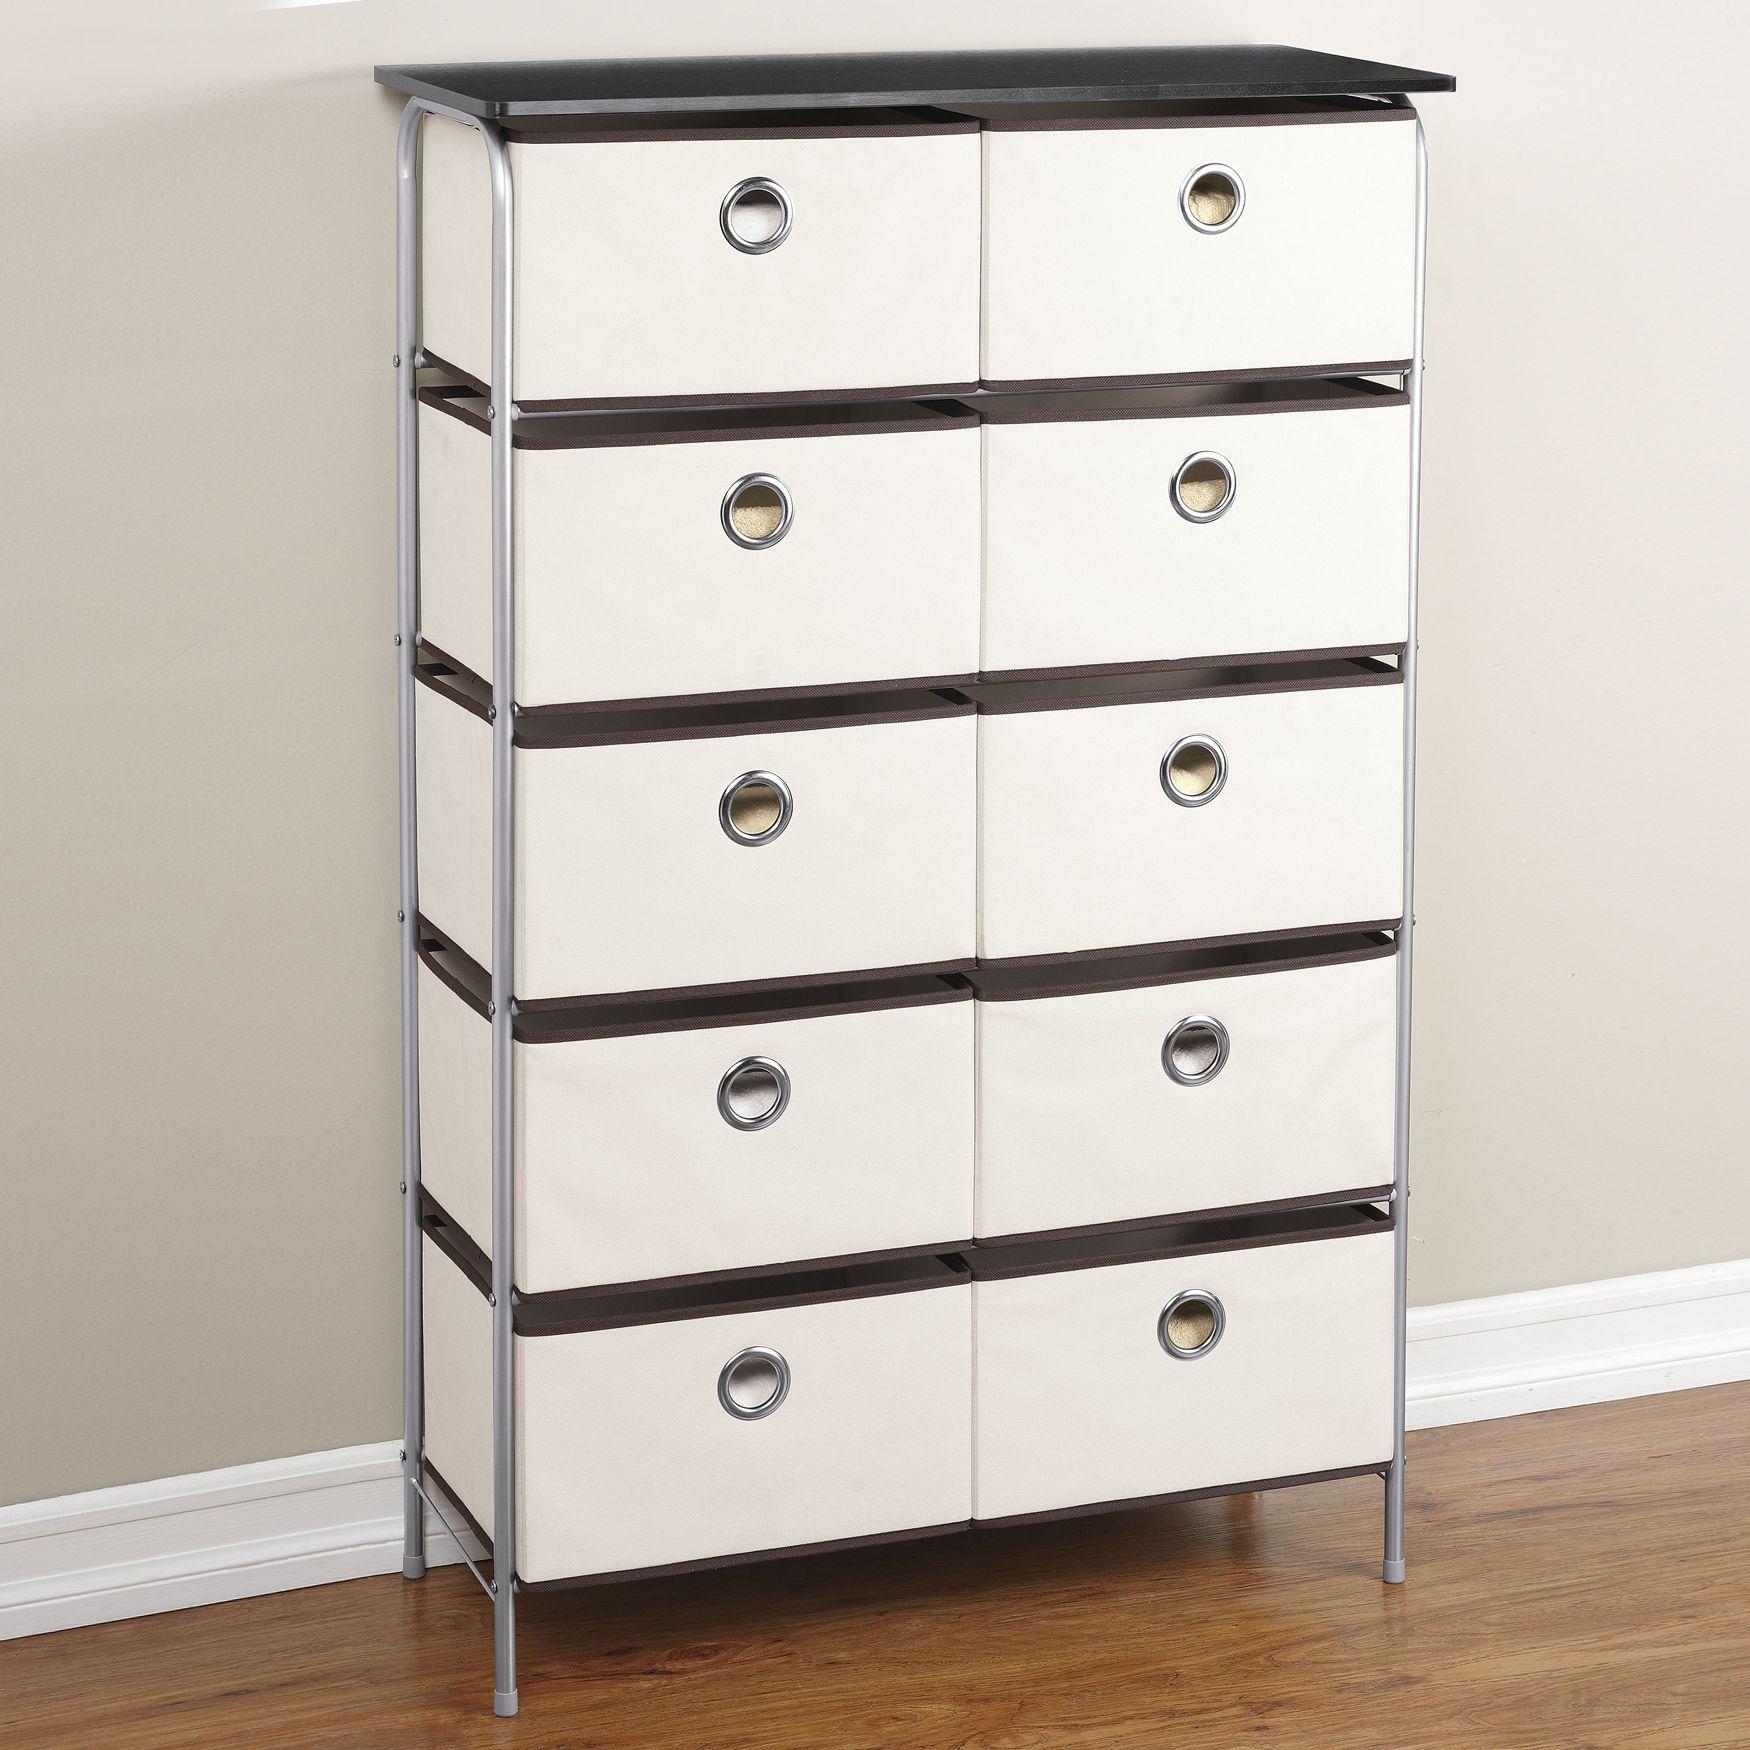 Best 10 Drawer Storage Organizer New Arrivals Brylanehome 640 x 480